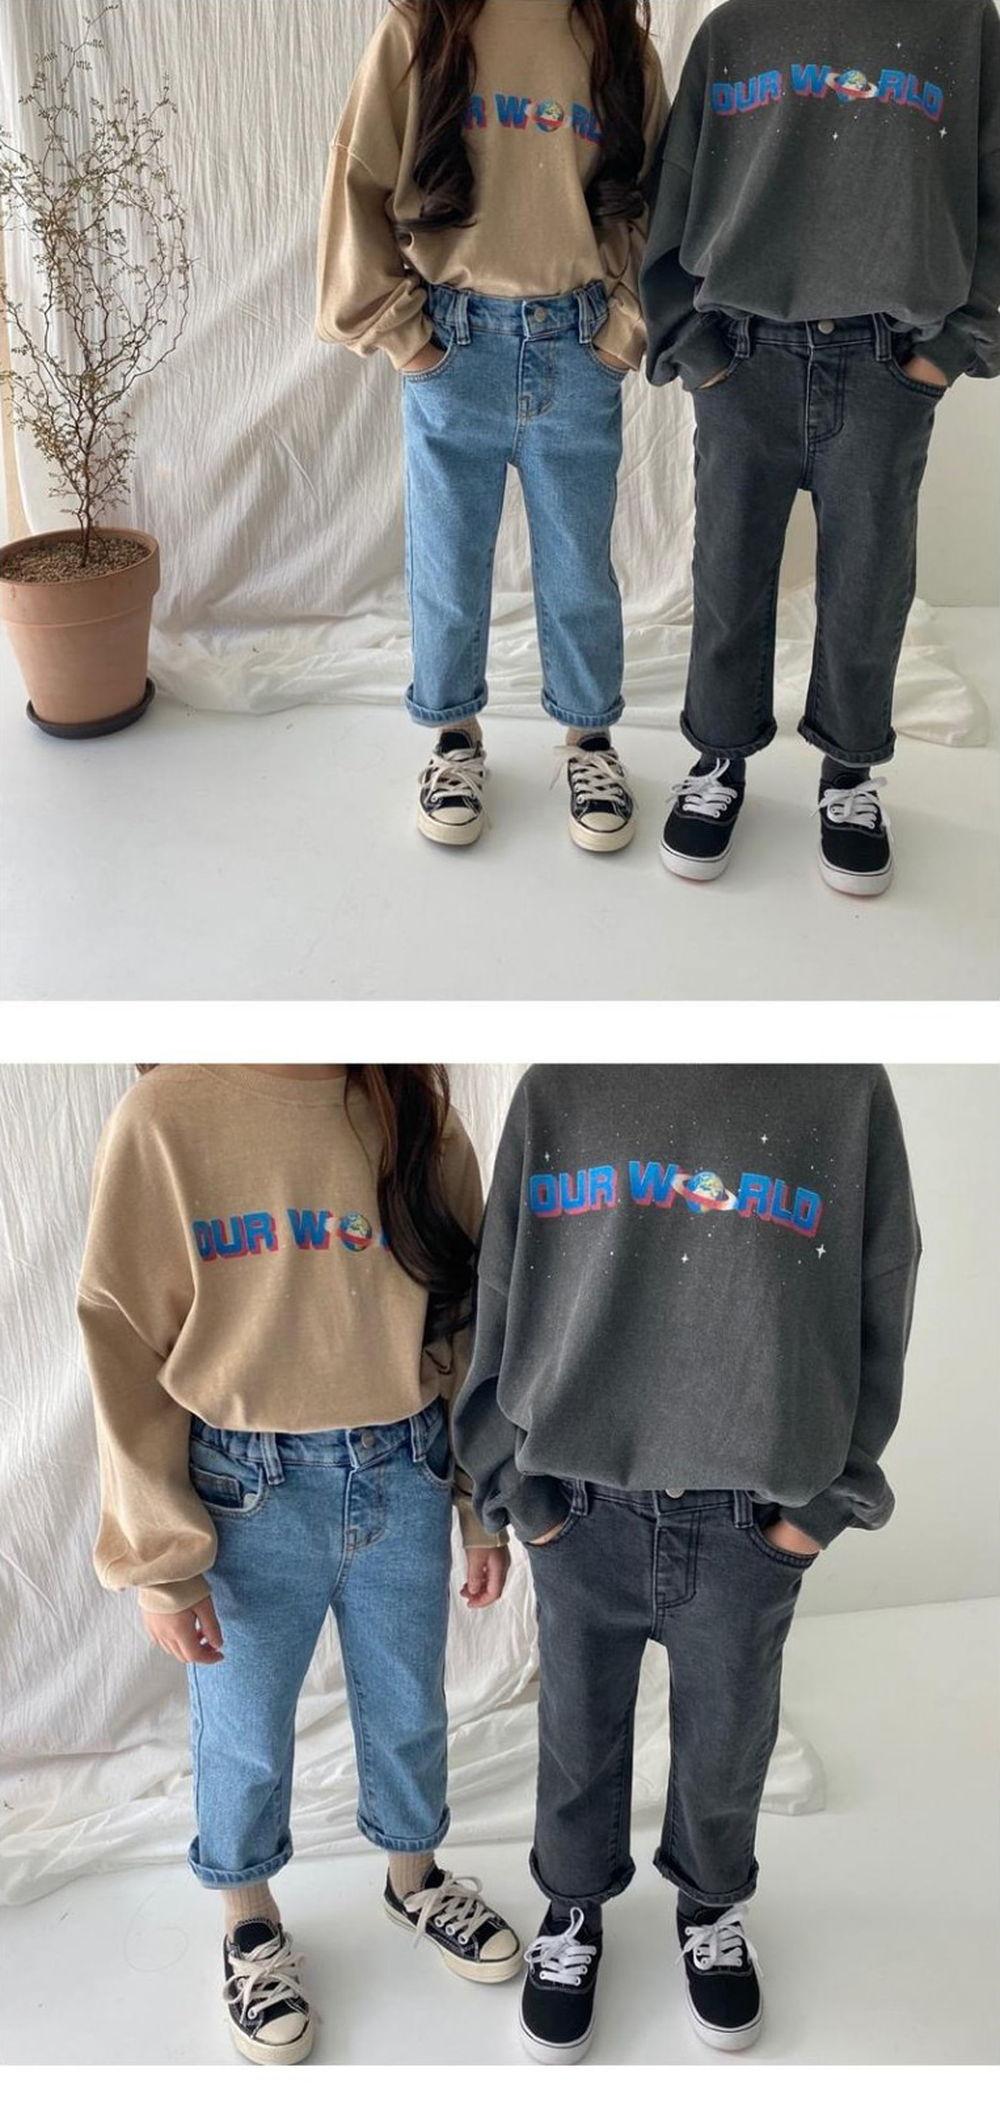 OUR - Korean Children Fashion - #Kfashion4kids - Our World Tee - 2